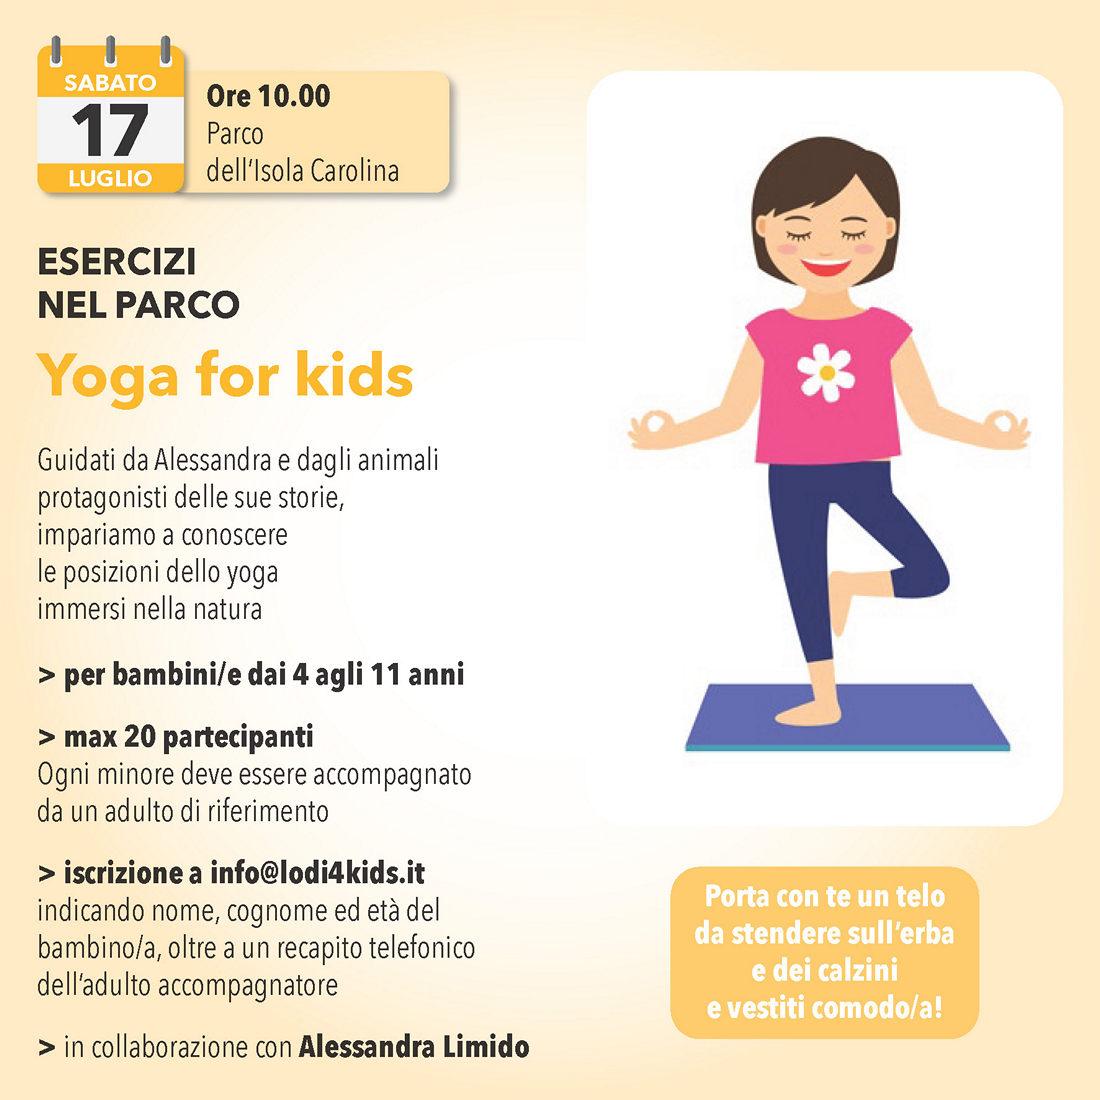 17 luglio: Yoga for kids